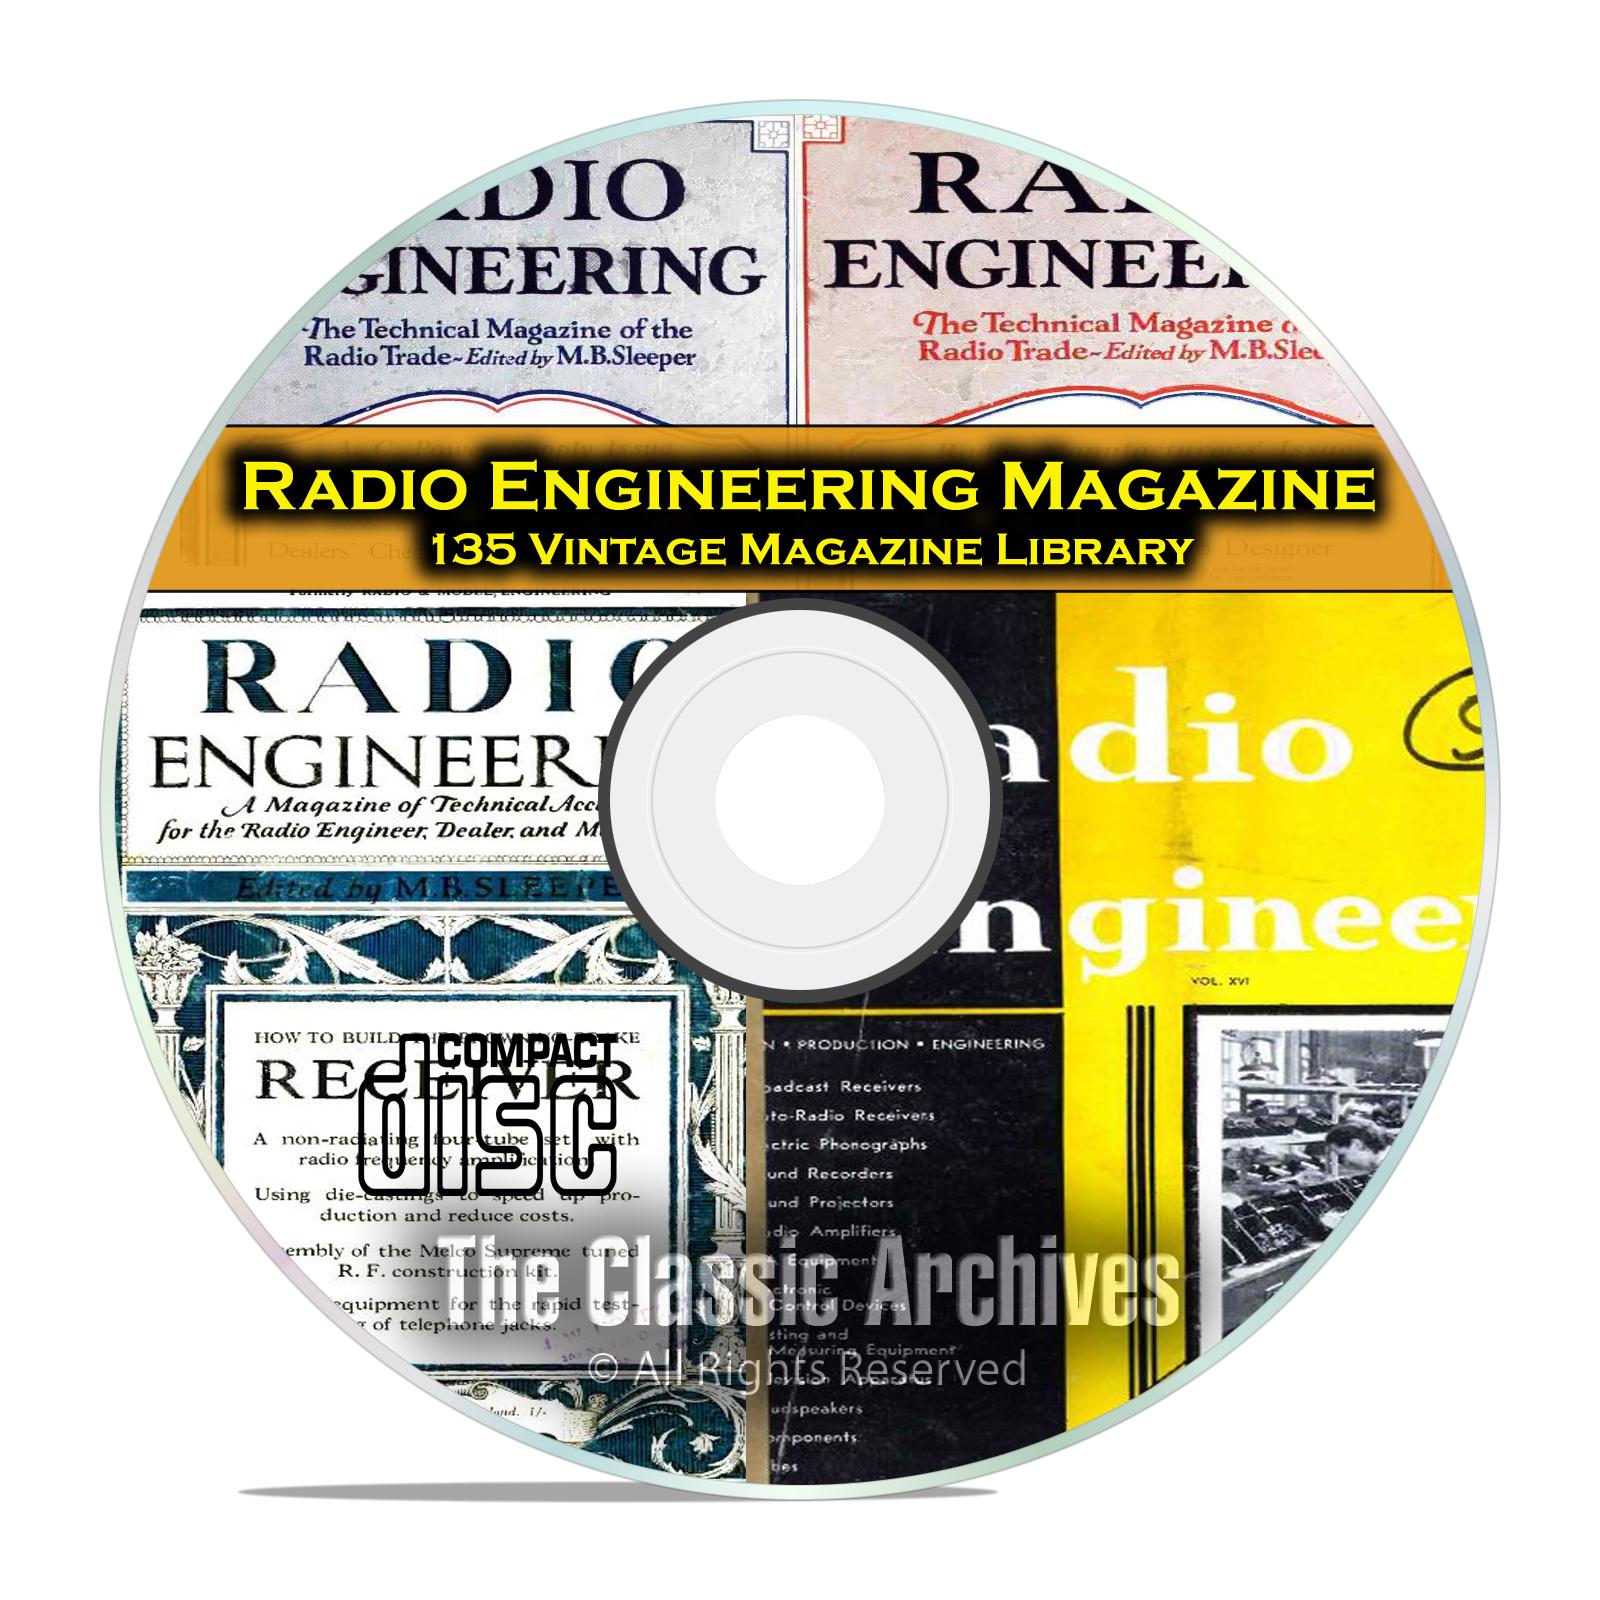 Radio Engineering, 135 Vintage Old Time Radio Magazine